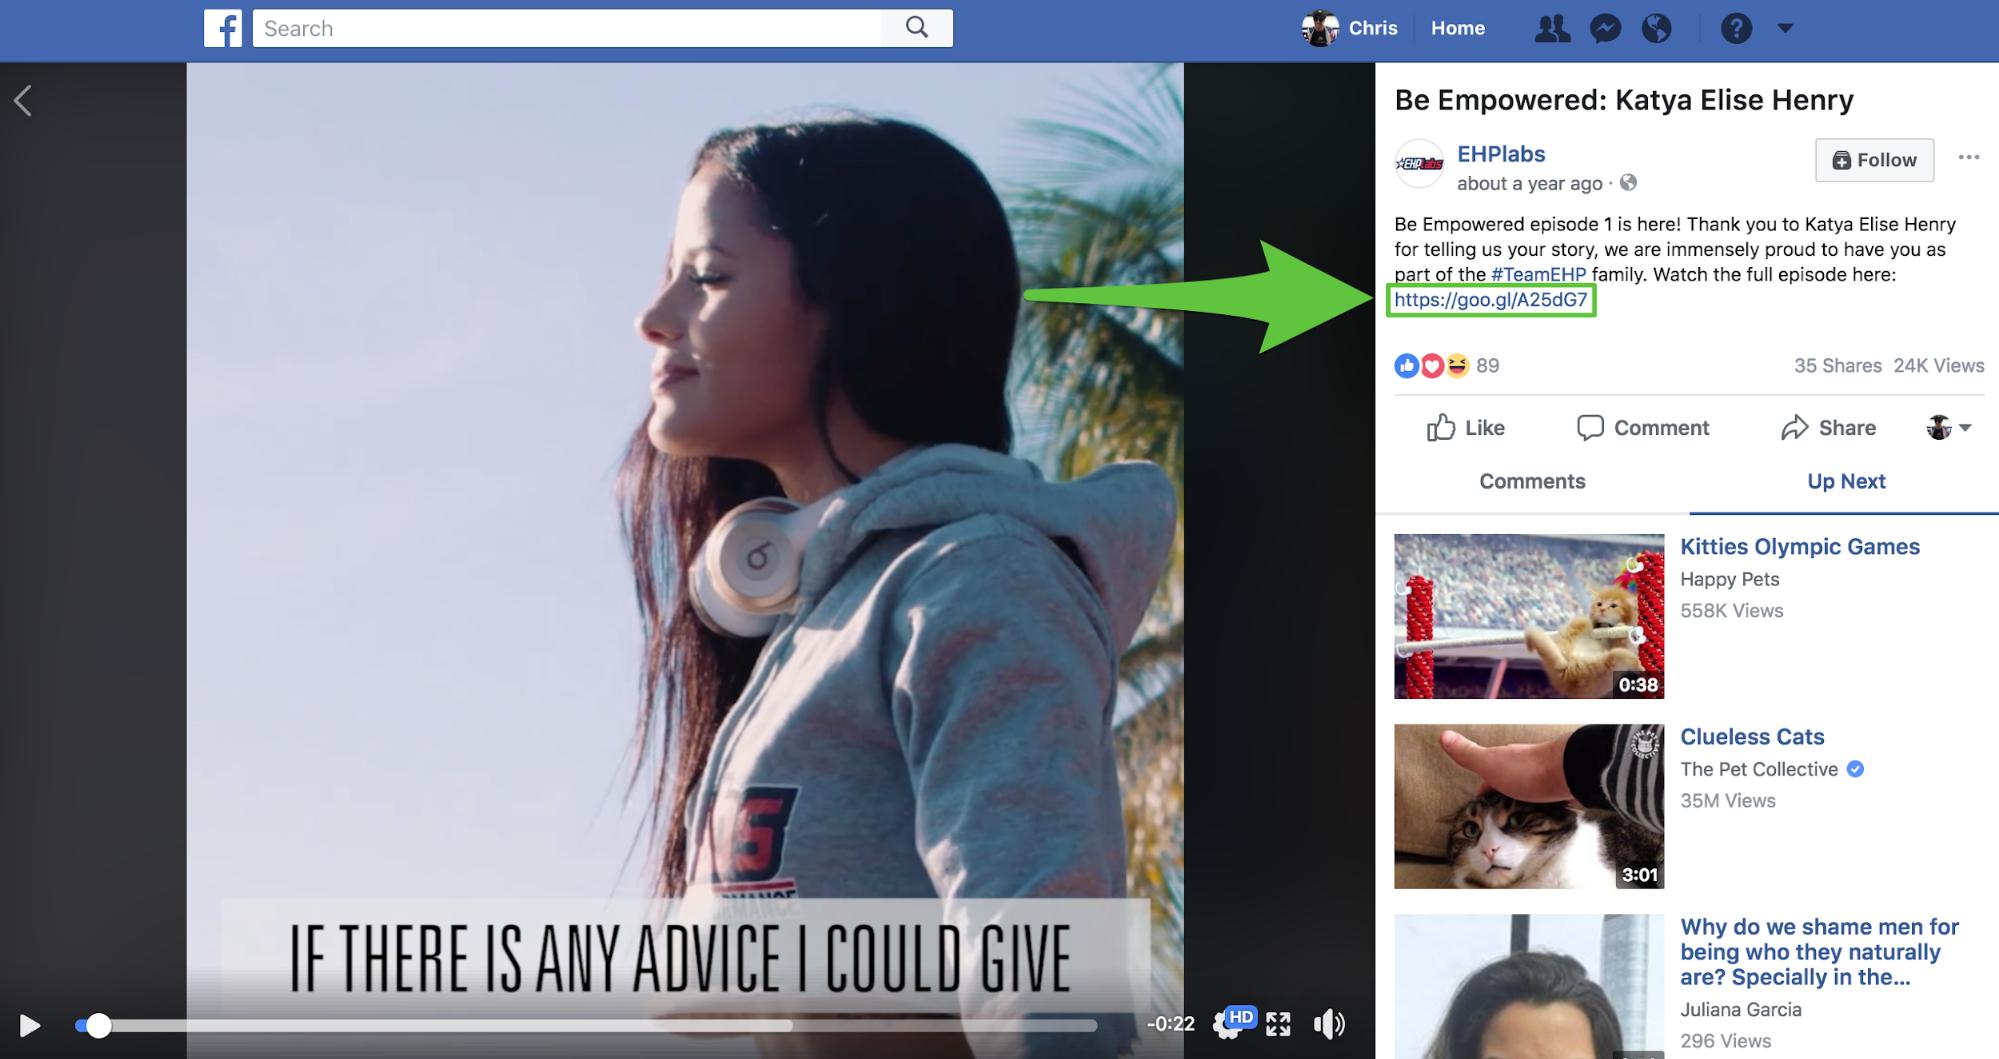 Screenshot showing a Facebook video